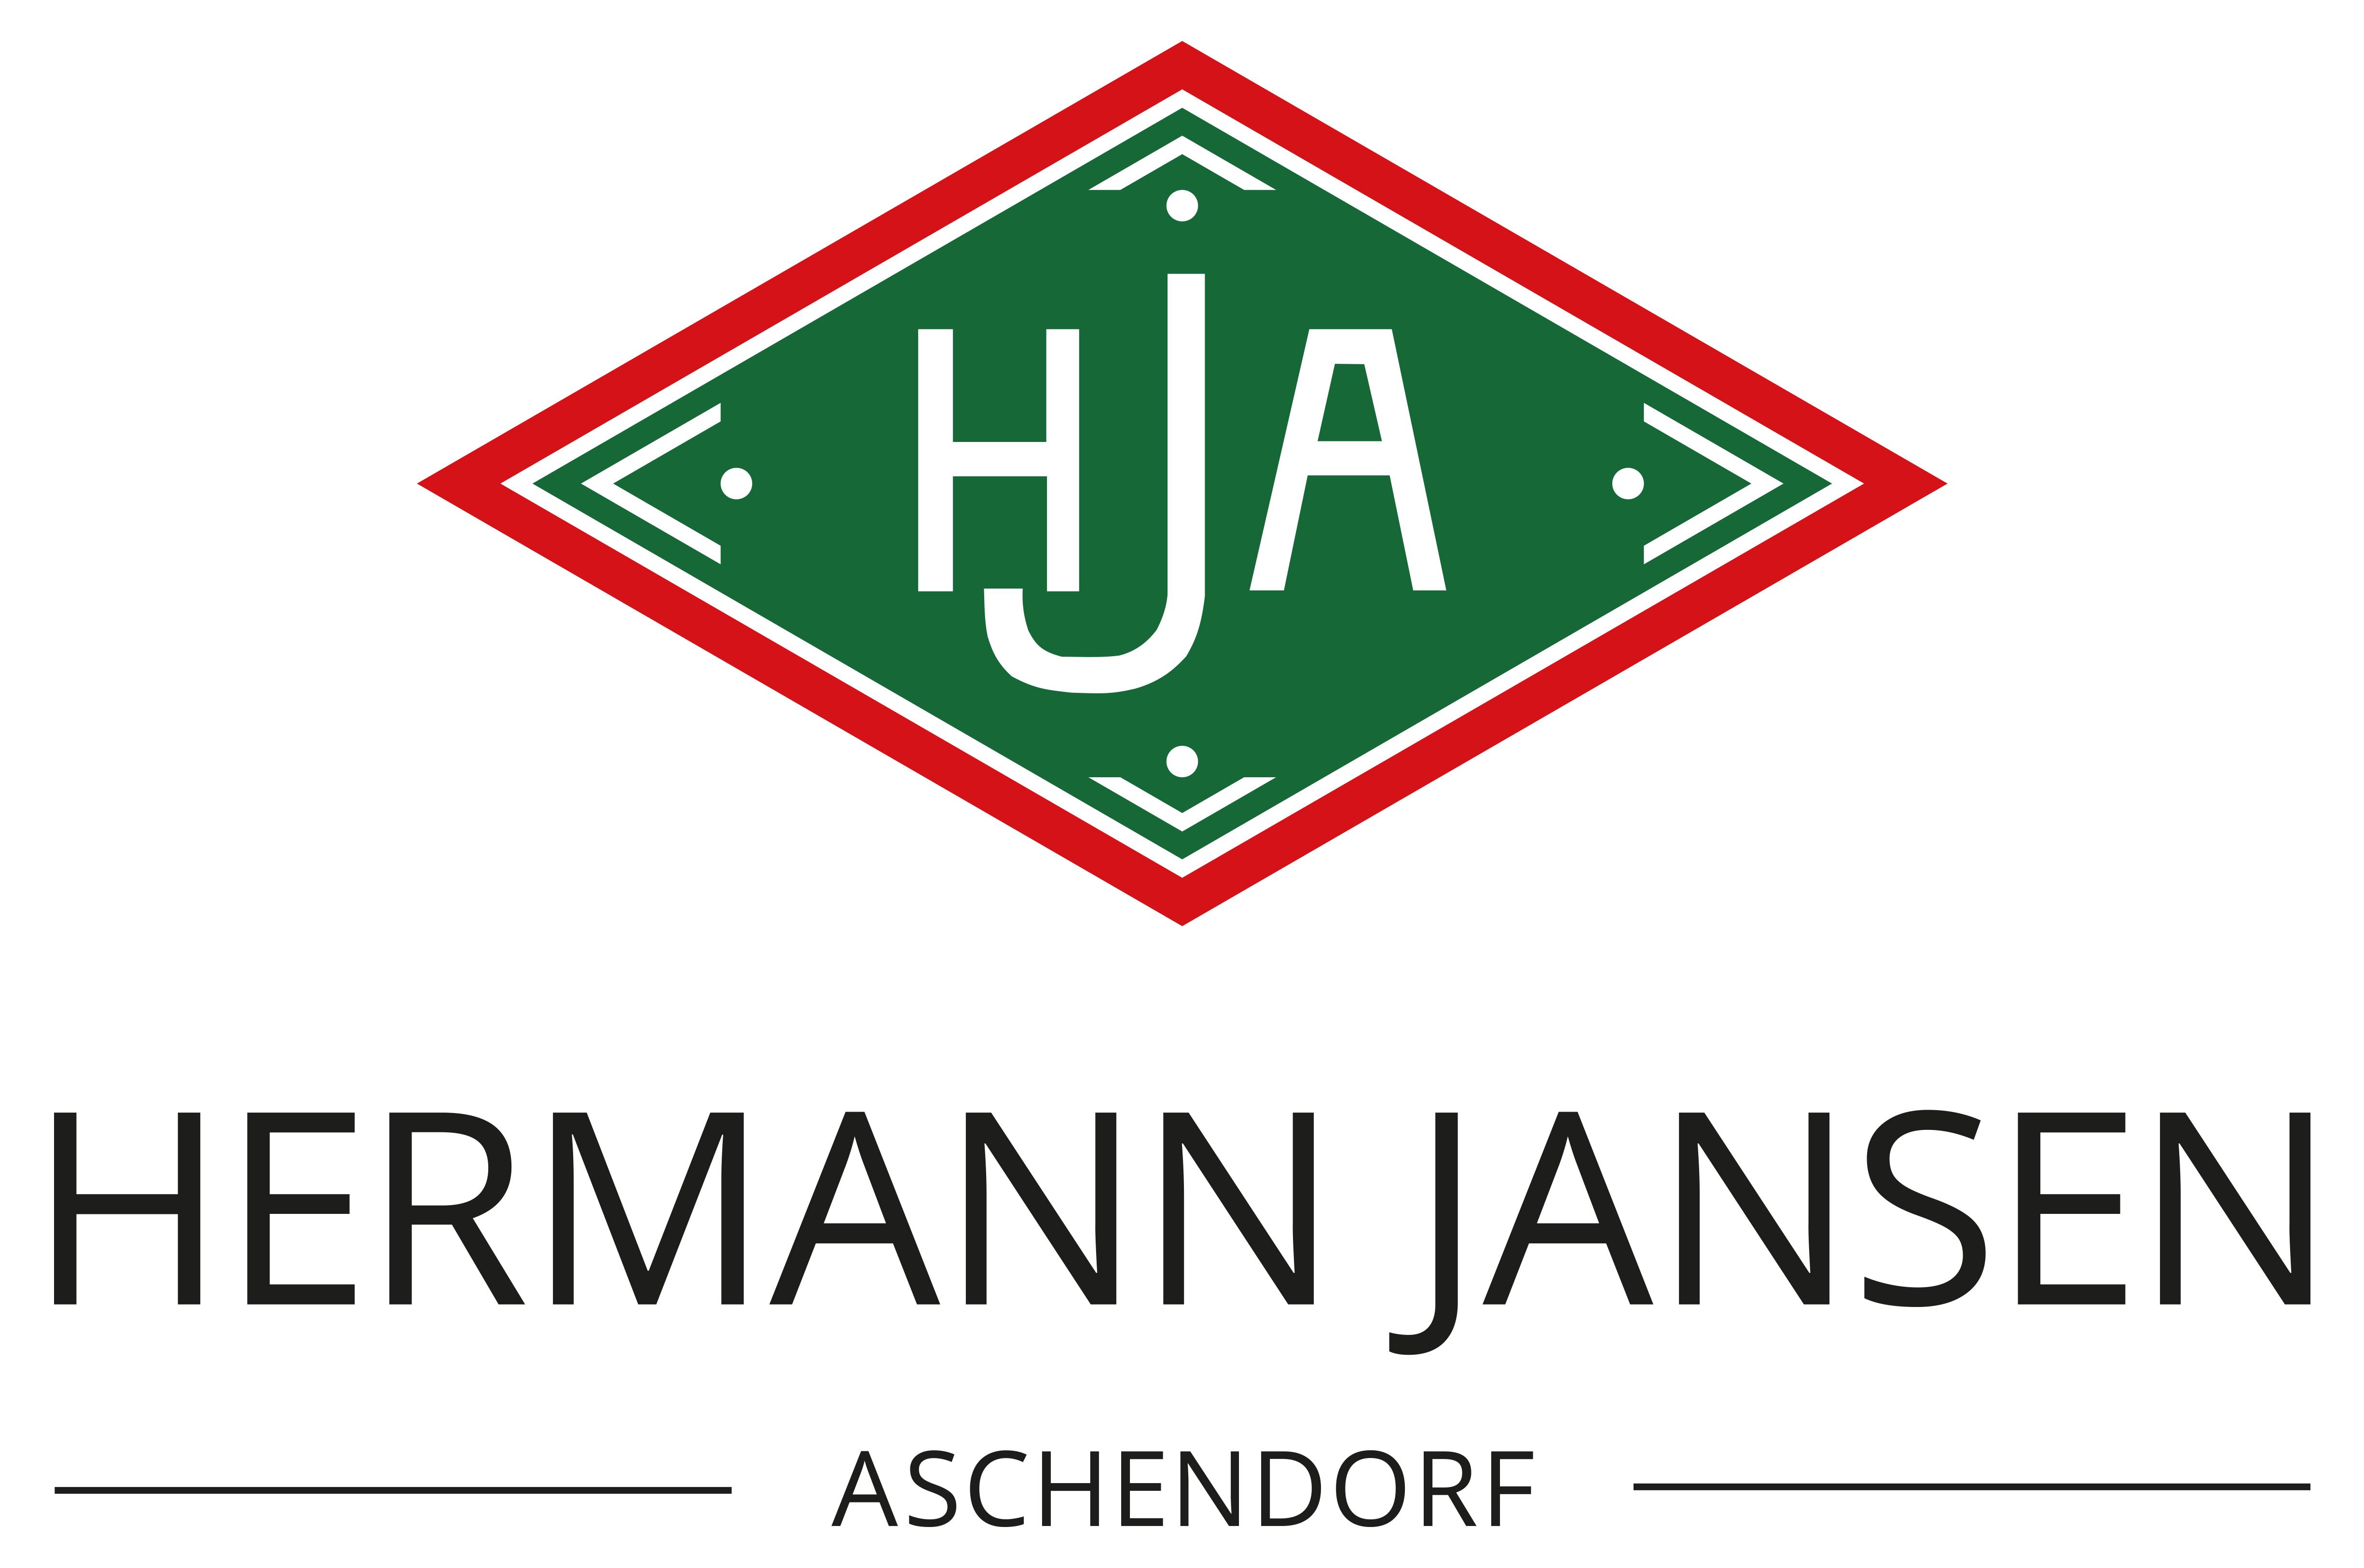 Hermann Jansen, Straßen- und Tiefbauunternehmung GmbH & Co. KG